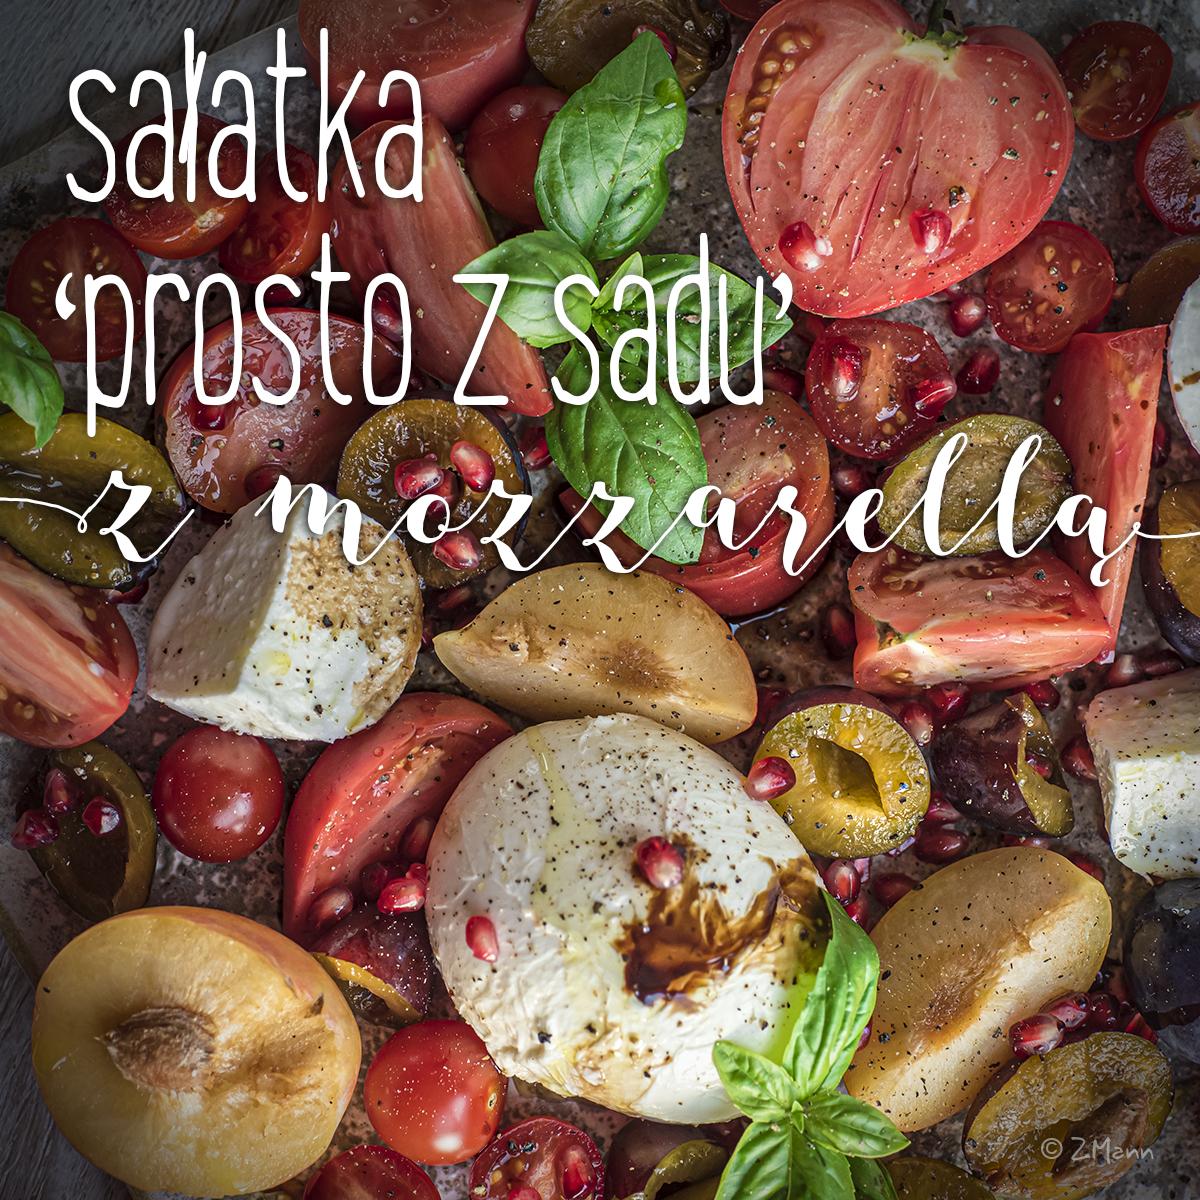 sałatka 'prosto z sadu' z mozzarellą